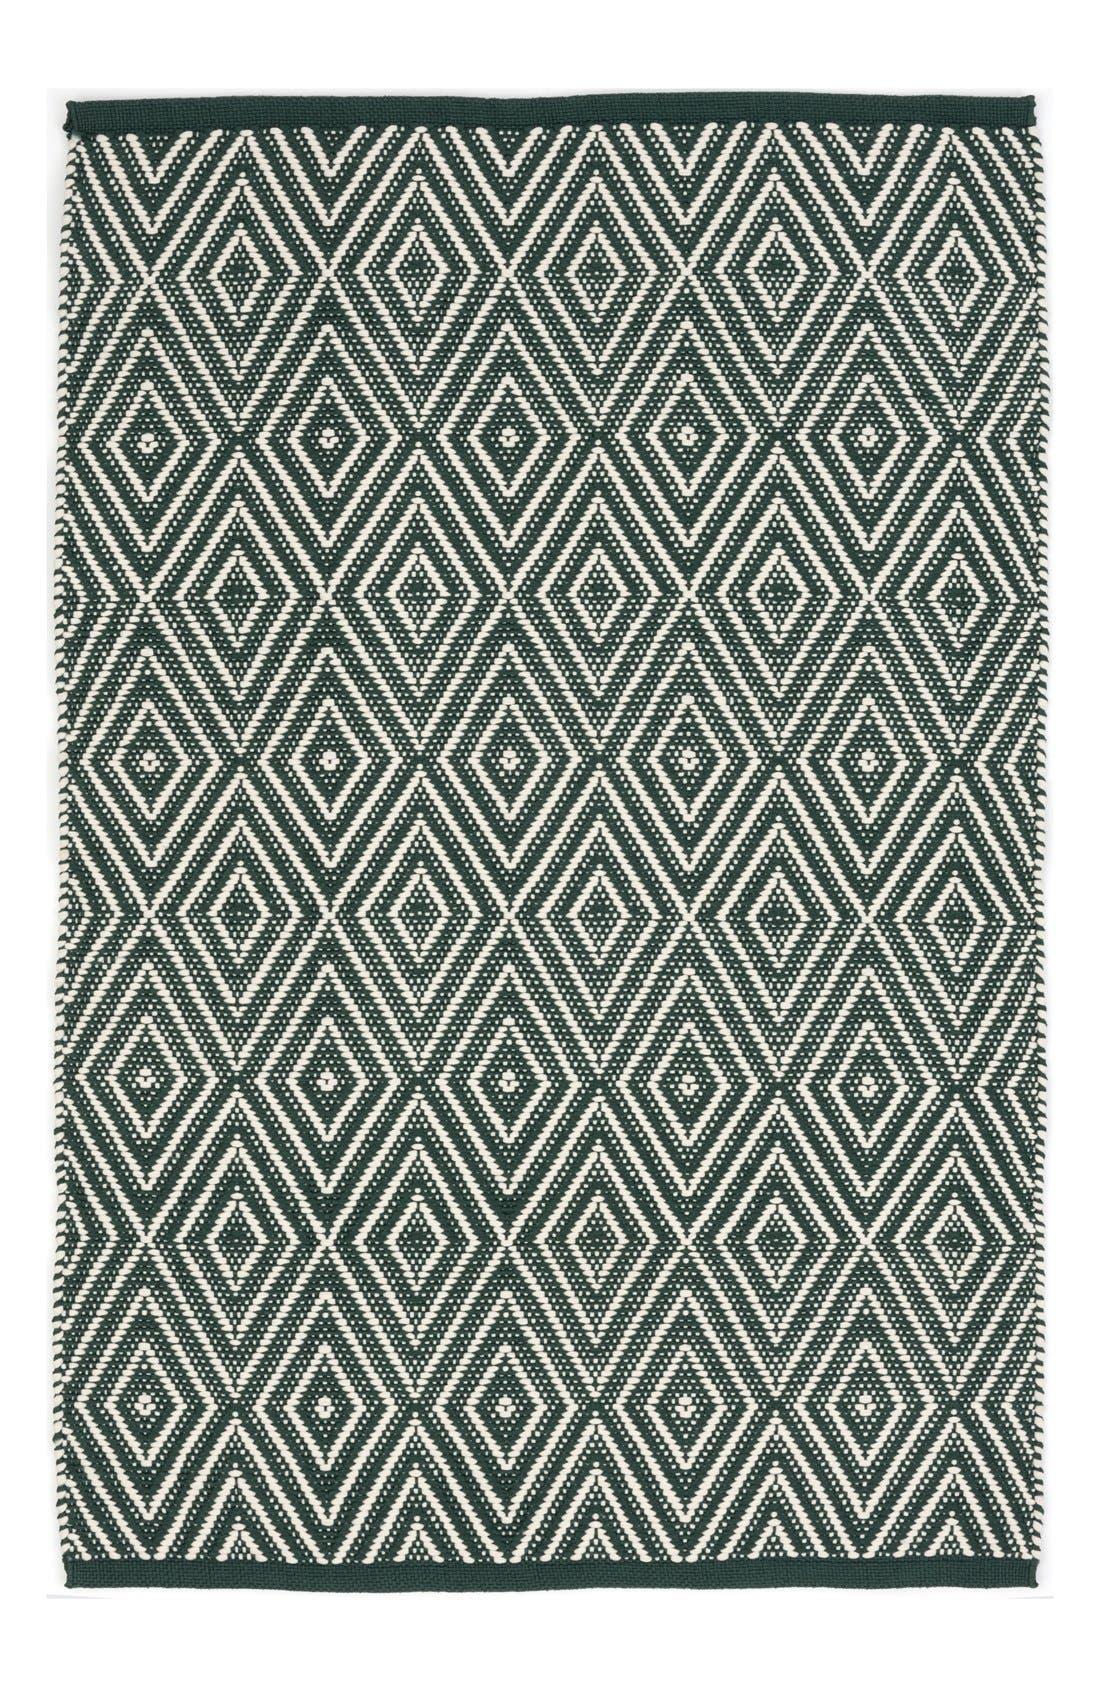 Alternate Image 1 Selected - Dash & Albert Diamond Print Rug